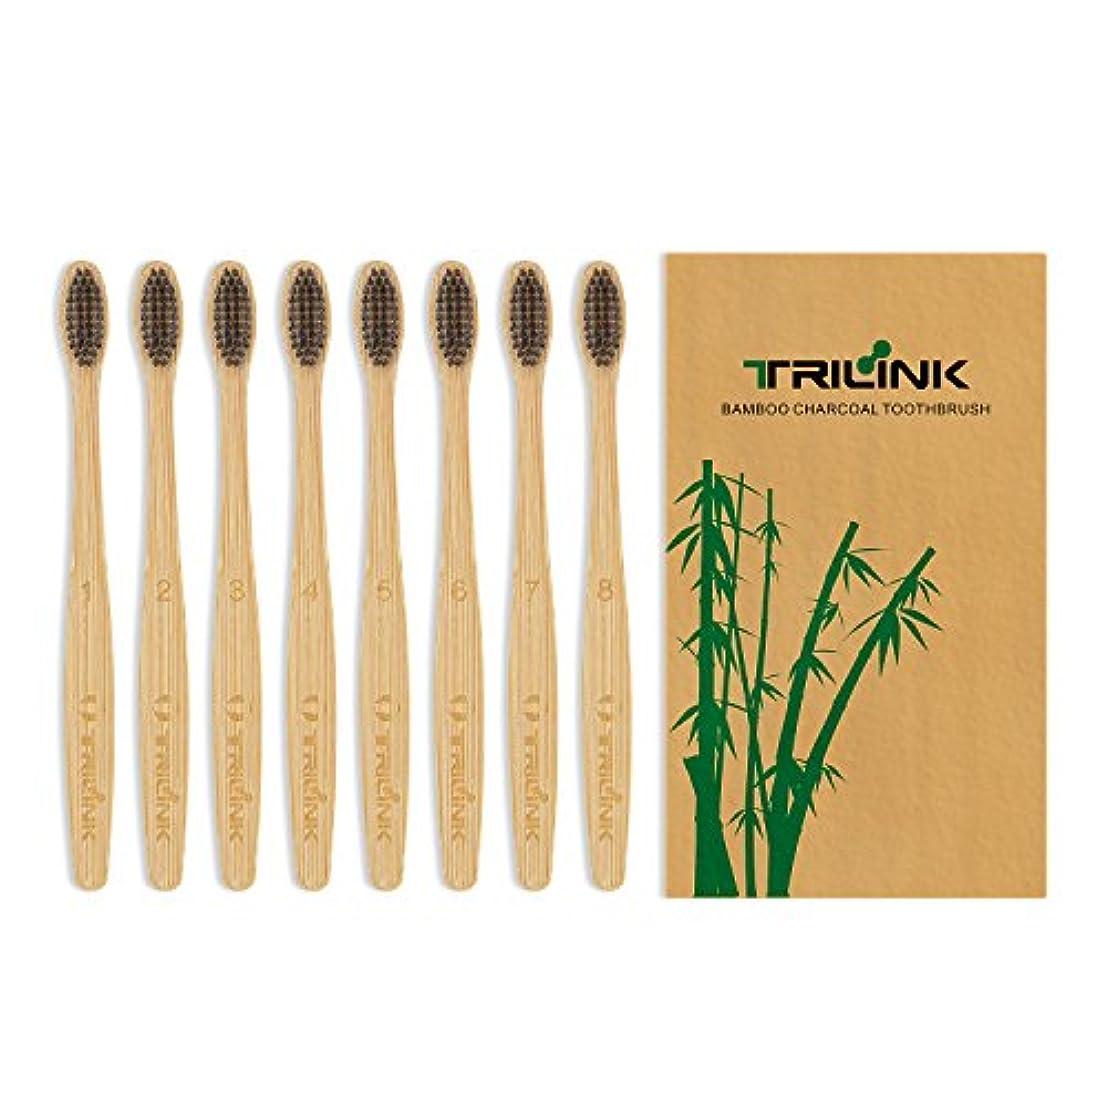 ビール支配的カカドゥ大人用竹の歯ブラシ(8本) 環境保護 天然の柔らかい ハブラシ【 活性炭を注入】